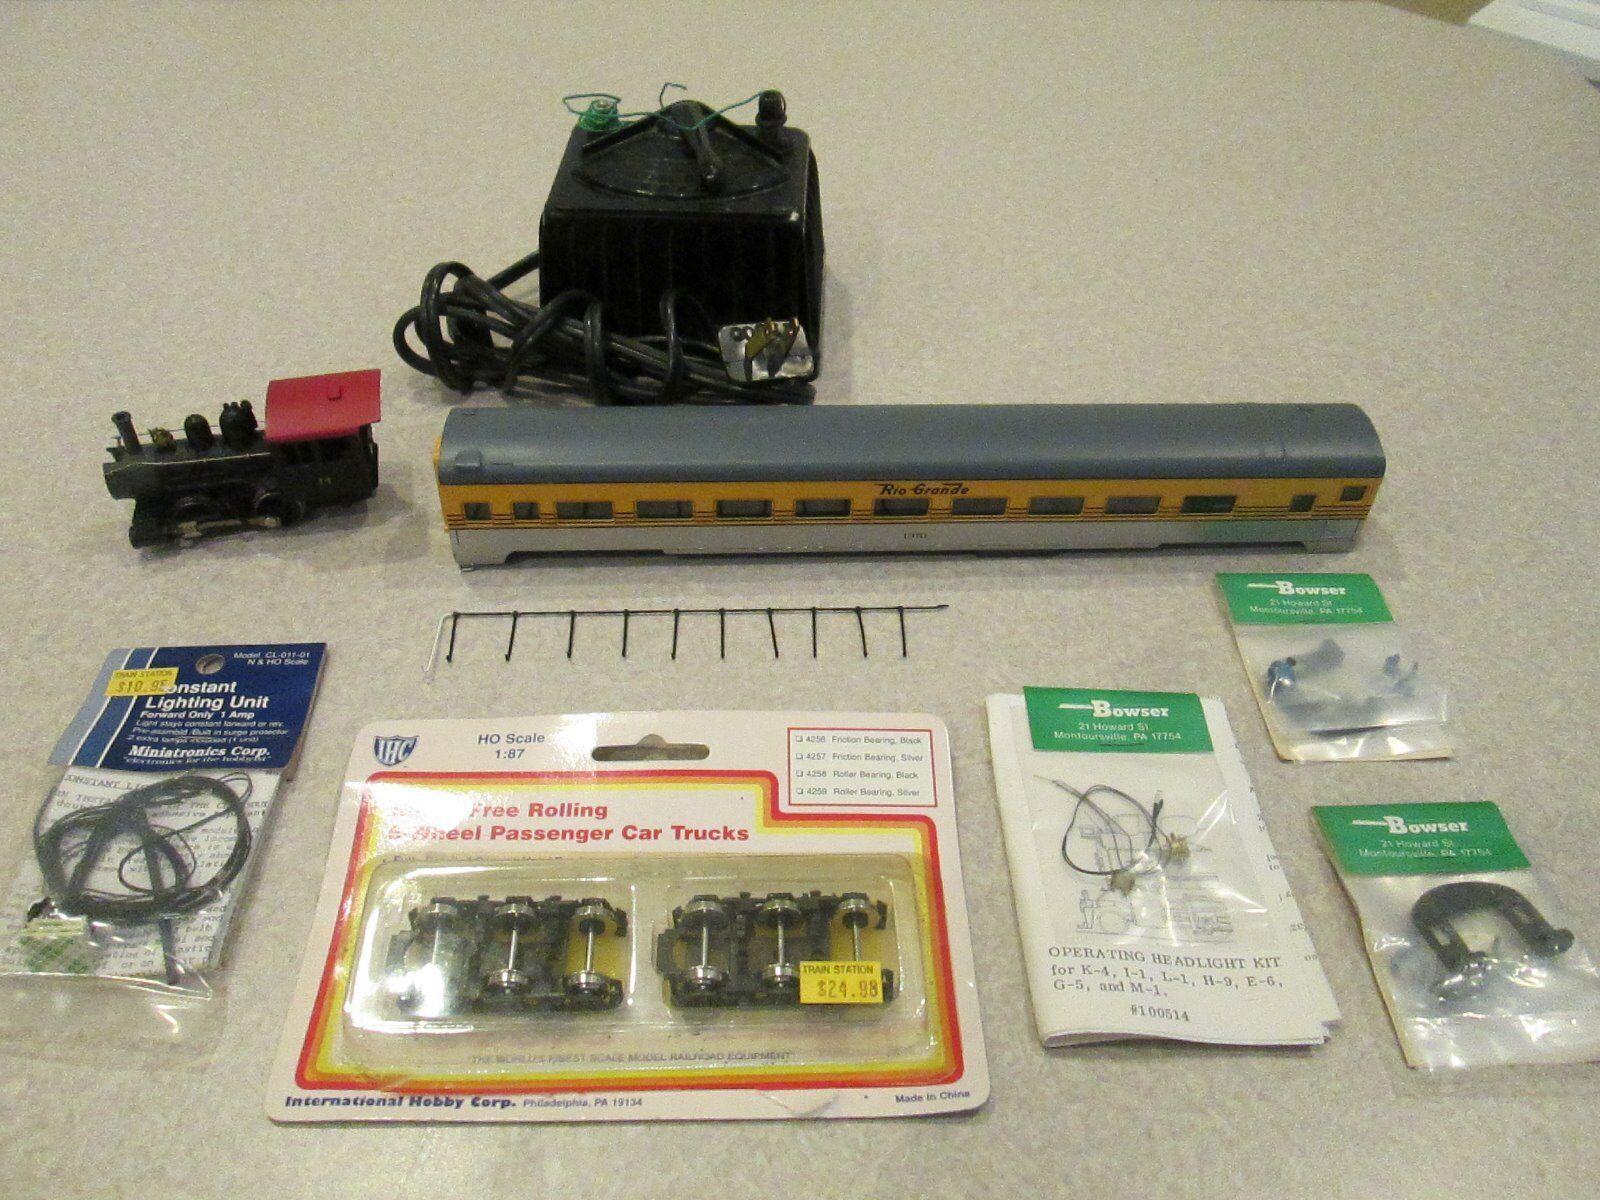 HO scale Train Parts e a Vintage Lionel Transformer